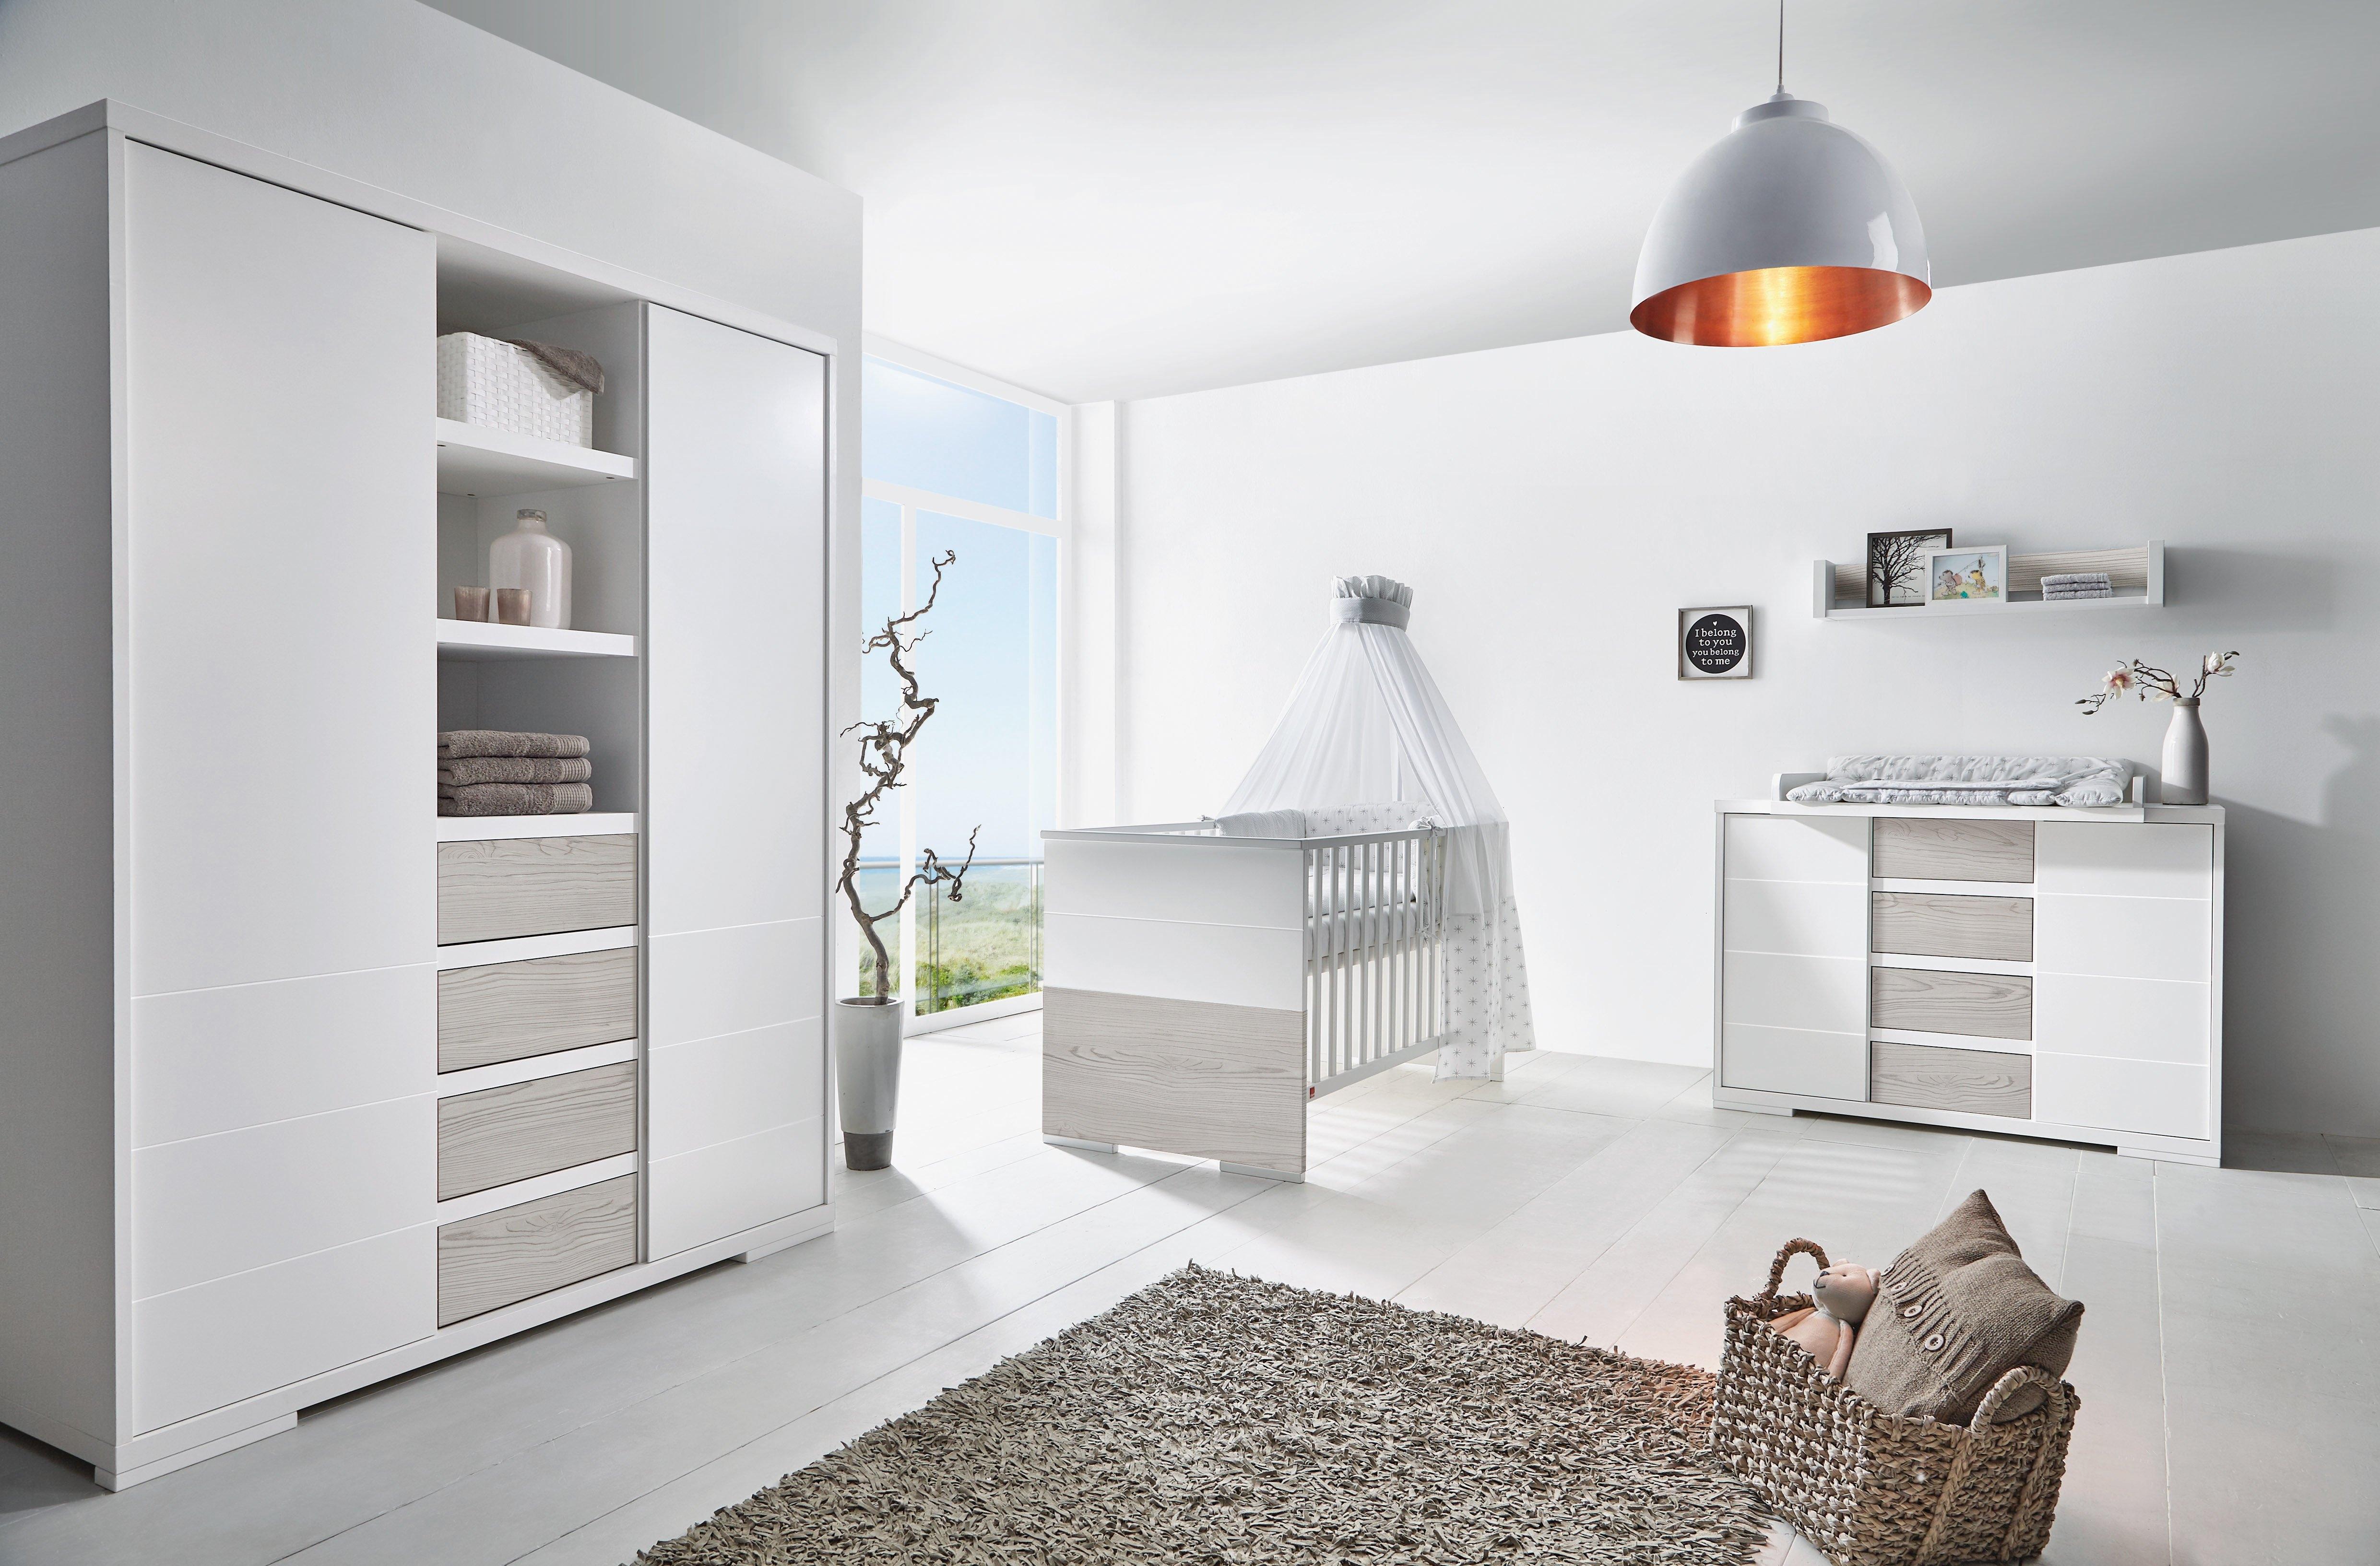 Schardt complete babykamerset Maxx Boathouse Made in Germany; met kinderbed, kast en commode (set, 3 stuks) nu online bestellen